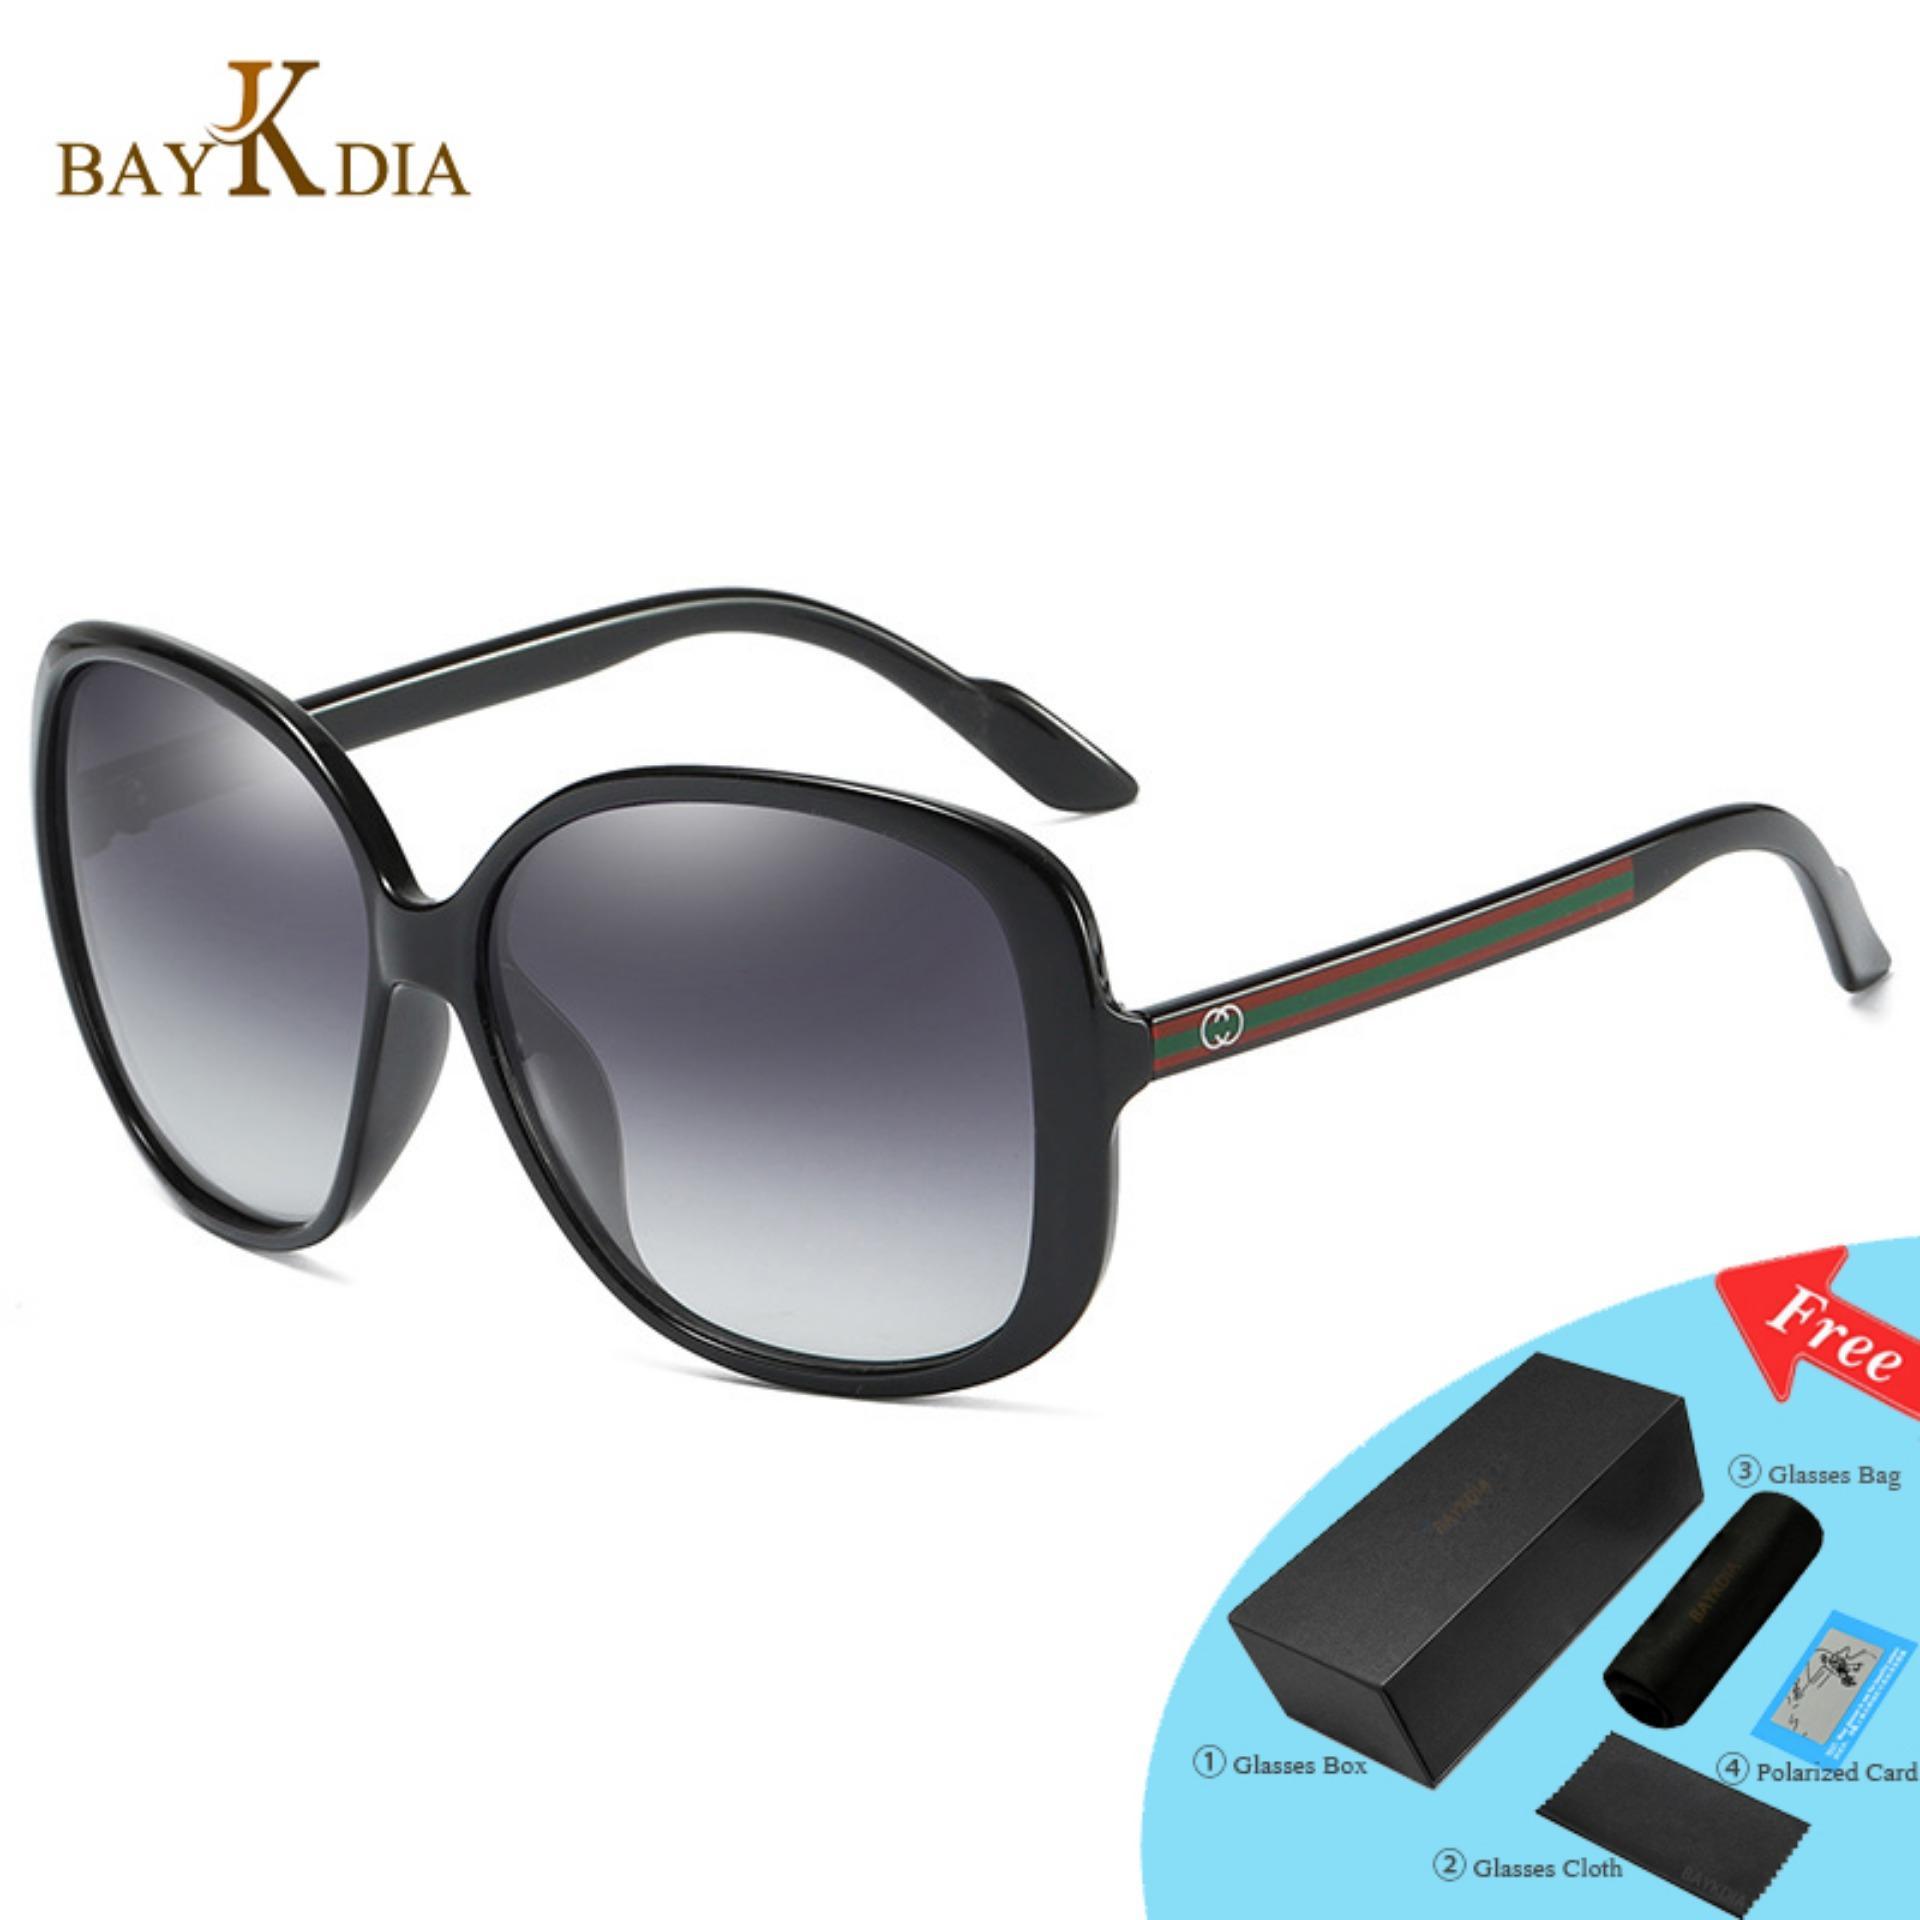 5df99ba6fc707 VEITHDIA 3157 Fashion Women s Brand Designer Sunglasses Polarized Metal  UV400 Black frame grey lens for Women